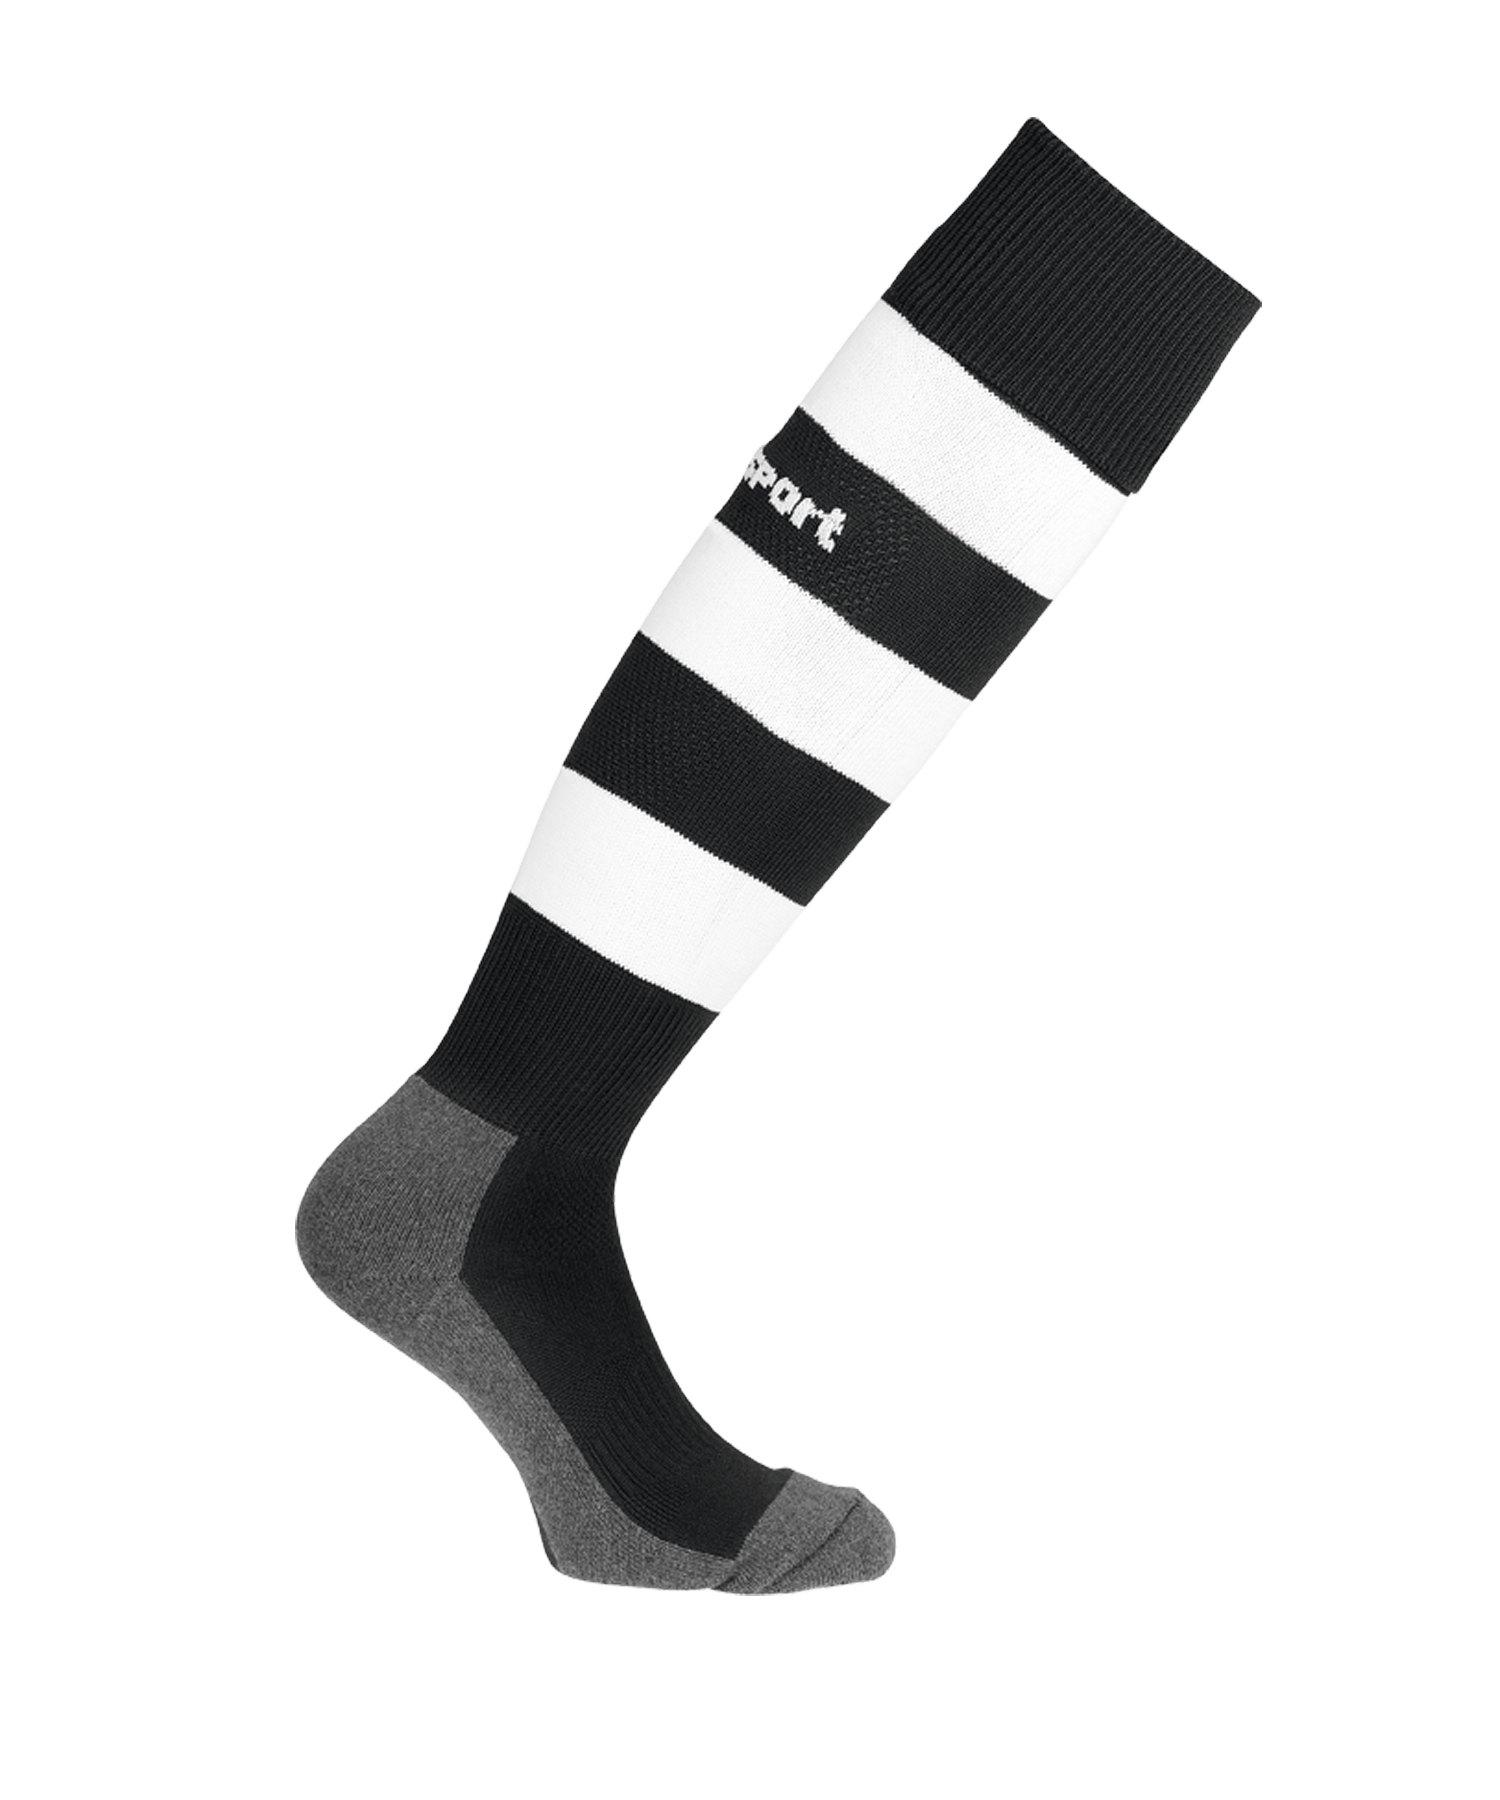 Uhlsport Team Pro Stripe Stutzenstrumpf F01 - schwarz